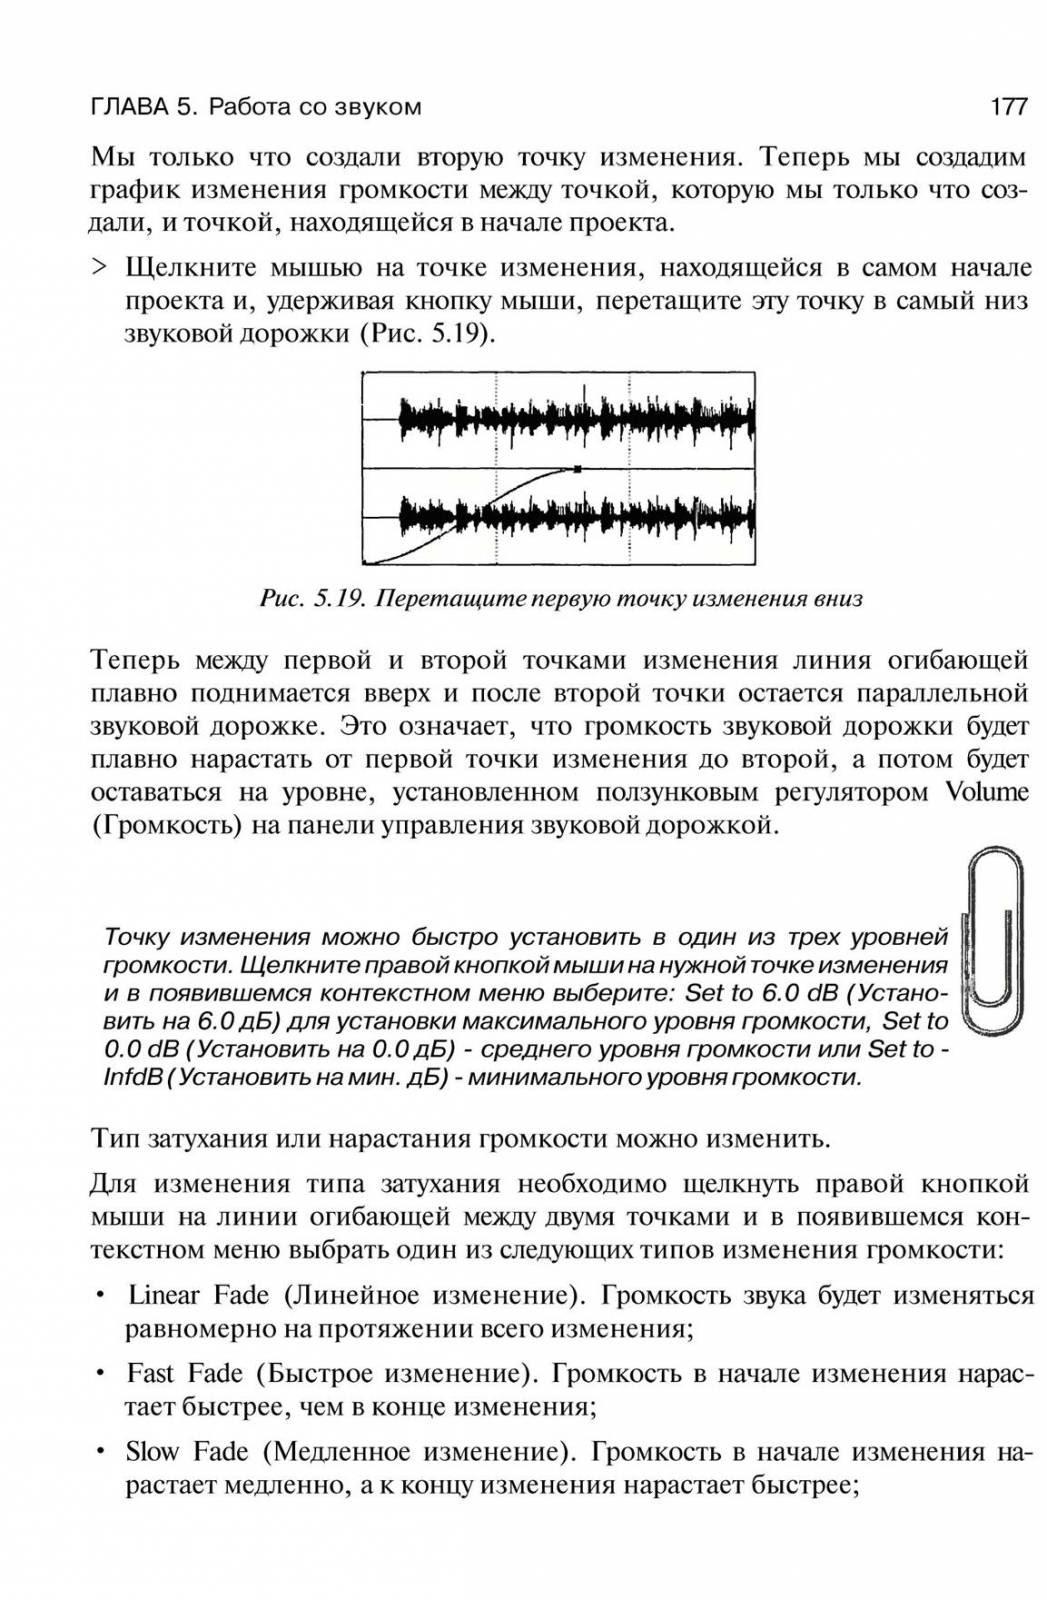 http://redaktori-uroki.3dn.ru/_ph/6/91750903.jpg